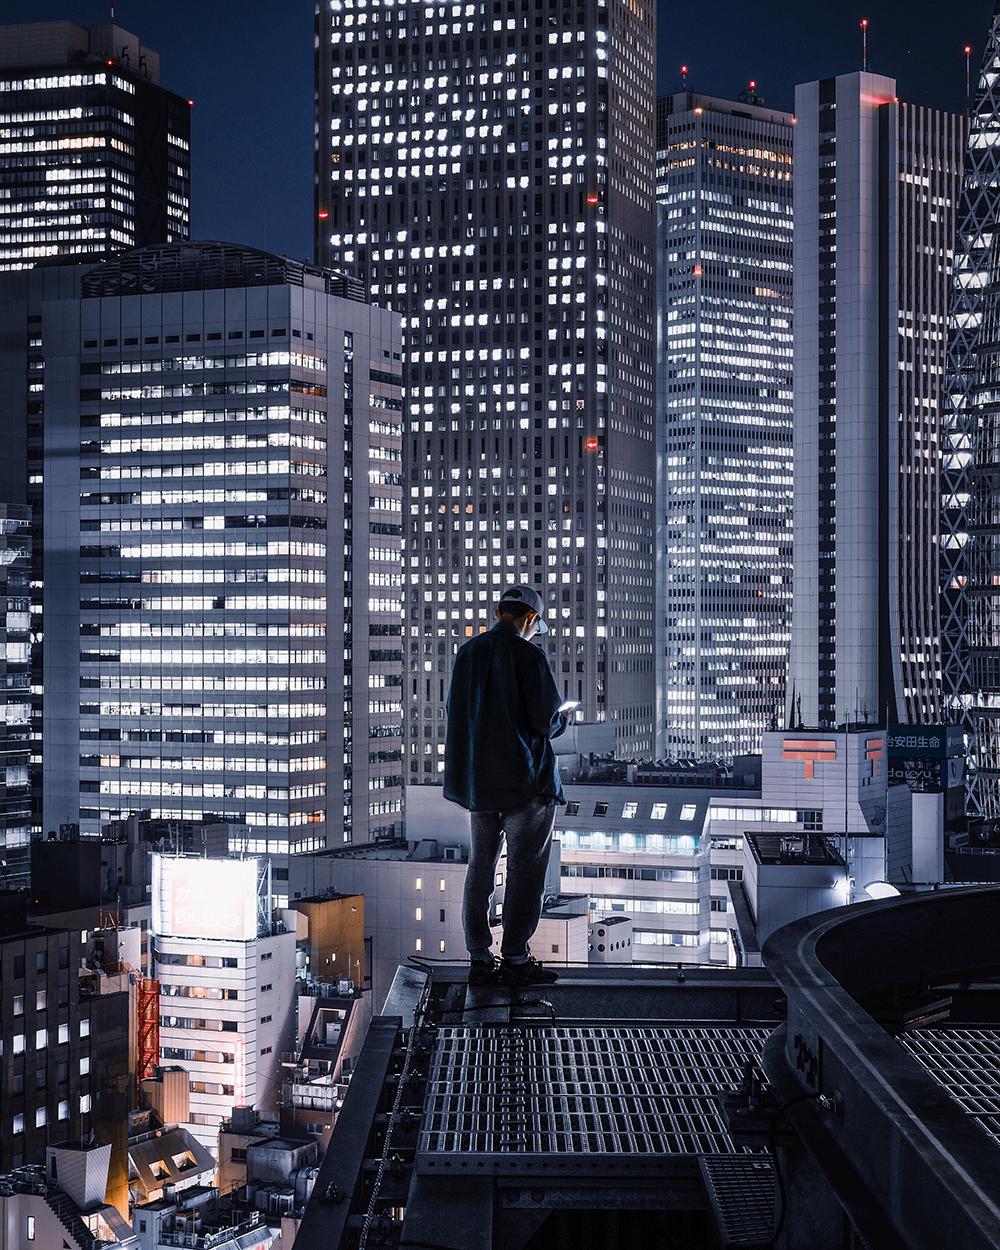 foto van man op dak in stad tussen de hoge gebouwen in de nacht